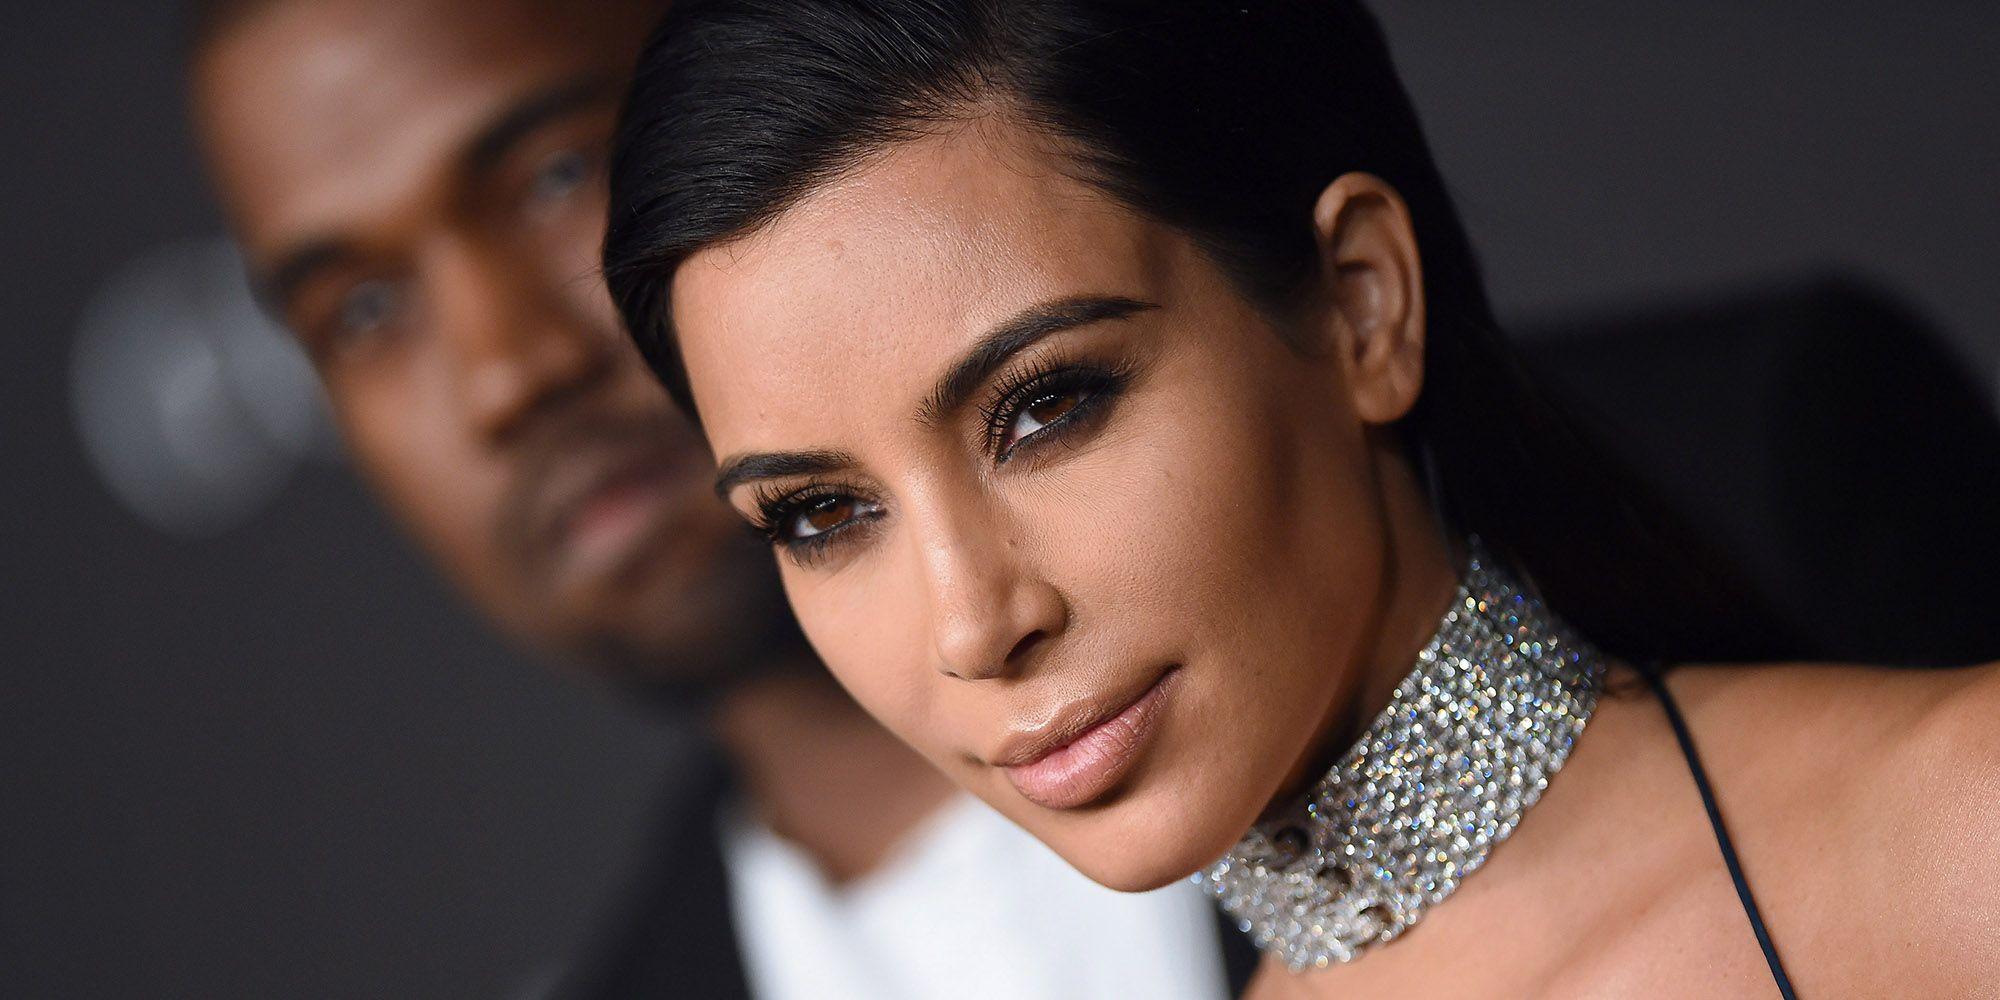 Kim Kardashian Is Releasing Contour Kits - Kim Kardashian Teases ...